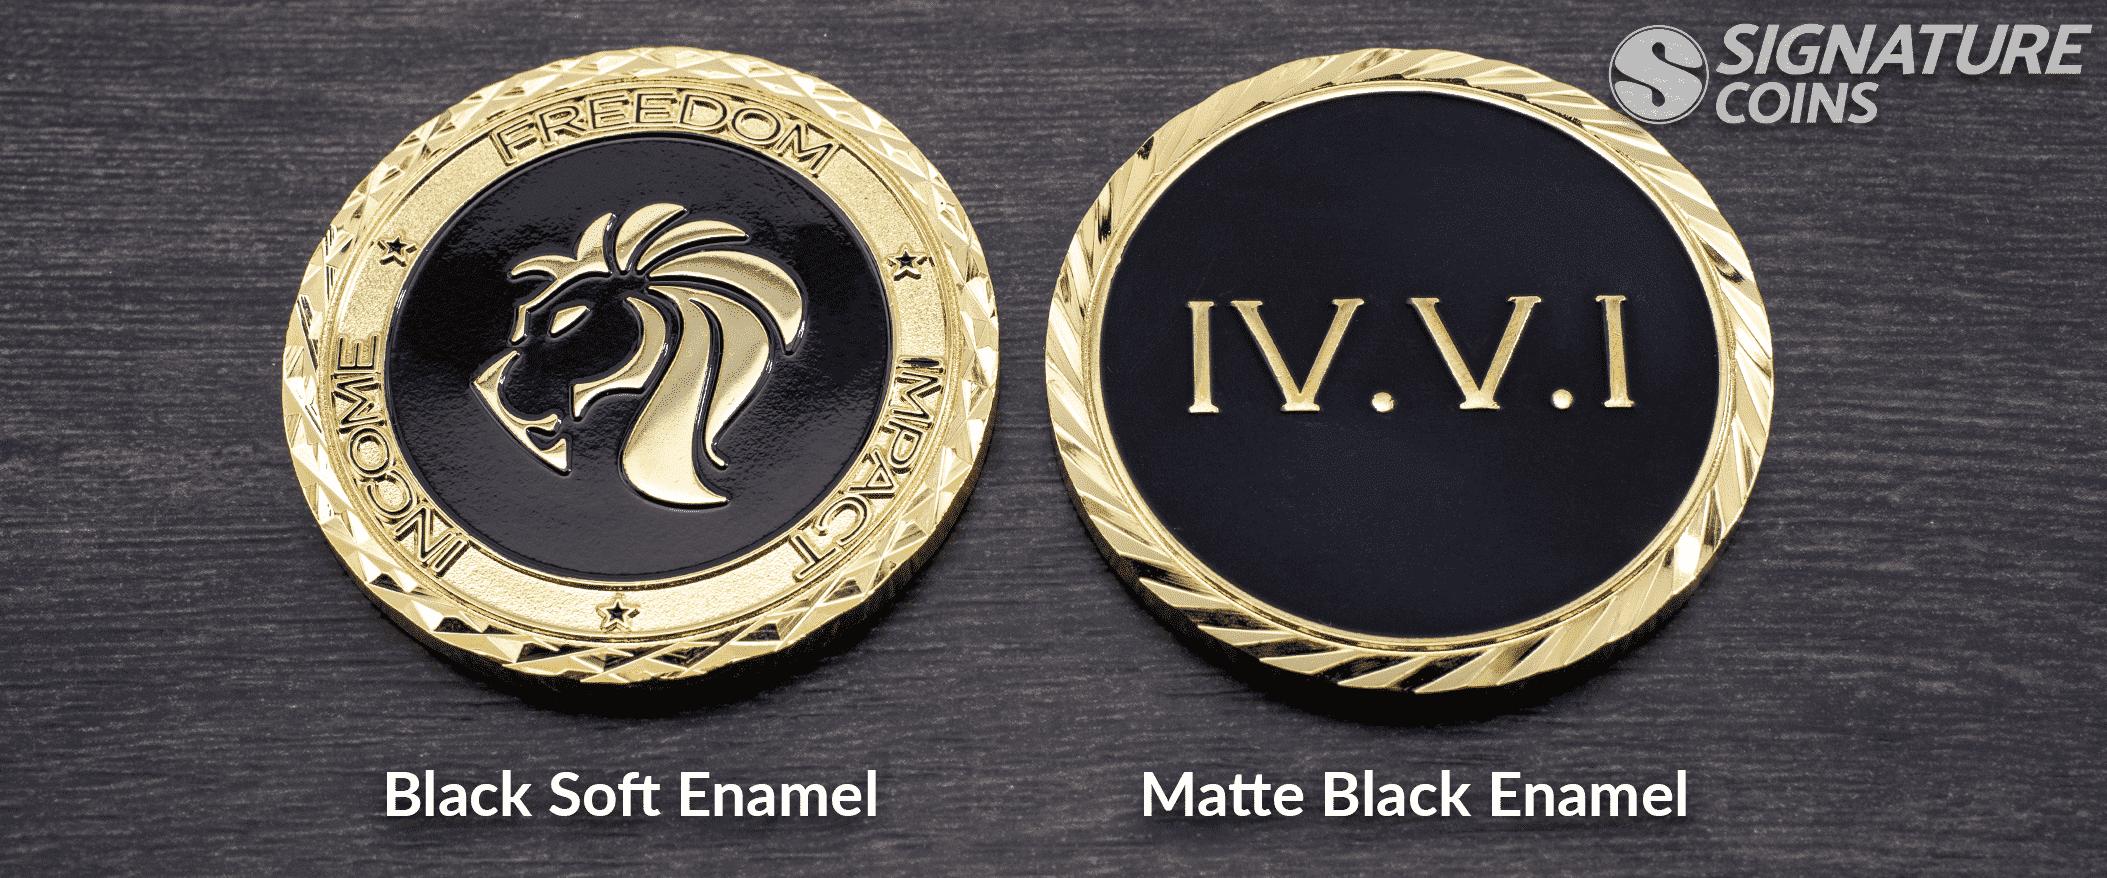 Soft Enamel vs Black Matte Enamel by Signature Coins